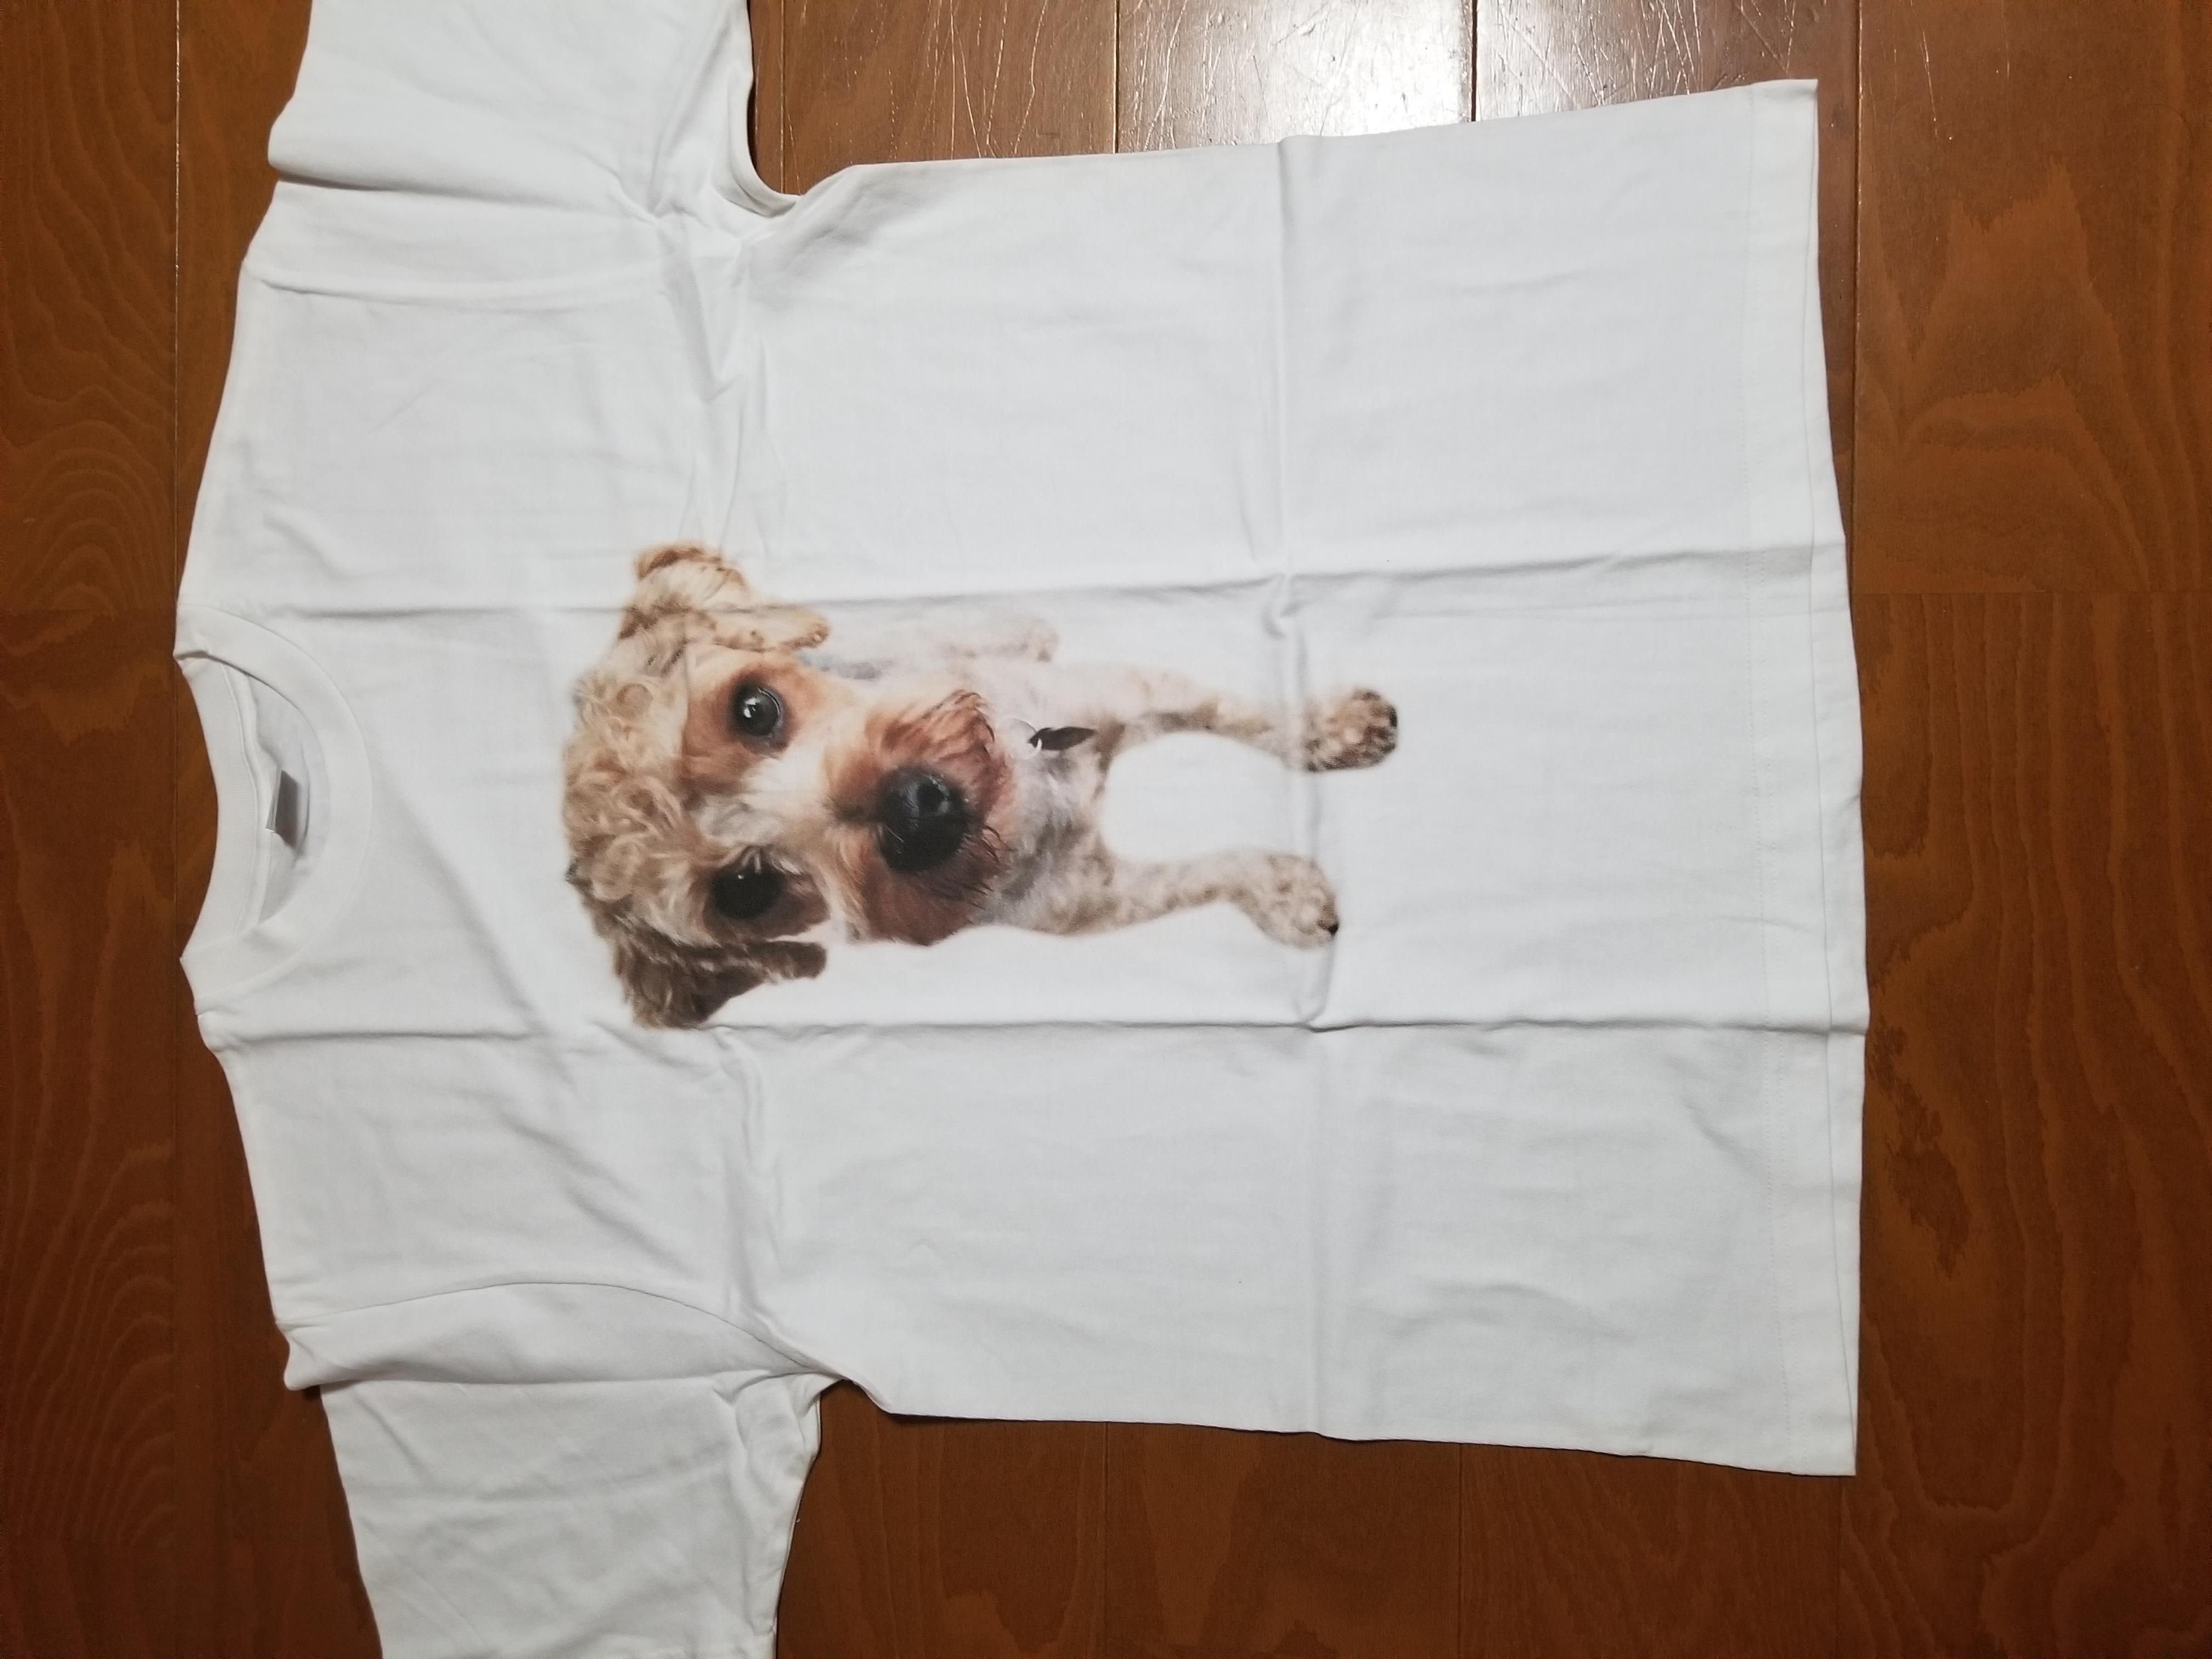 すごくきれいに透過してもらい、めちゃめちゃ可愛いTシャツができました!最高です!また注文して友達に配ります!